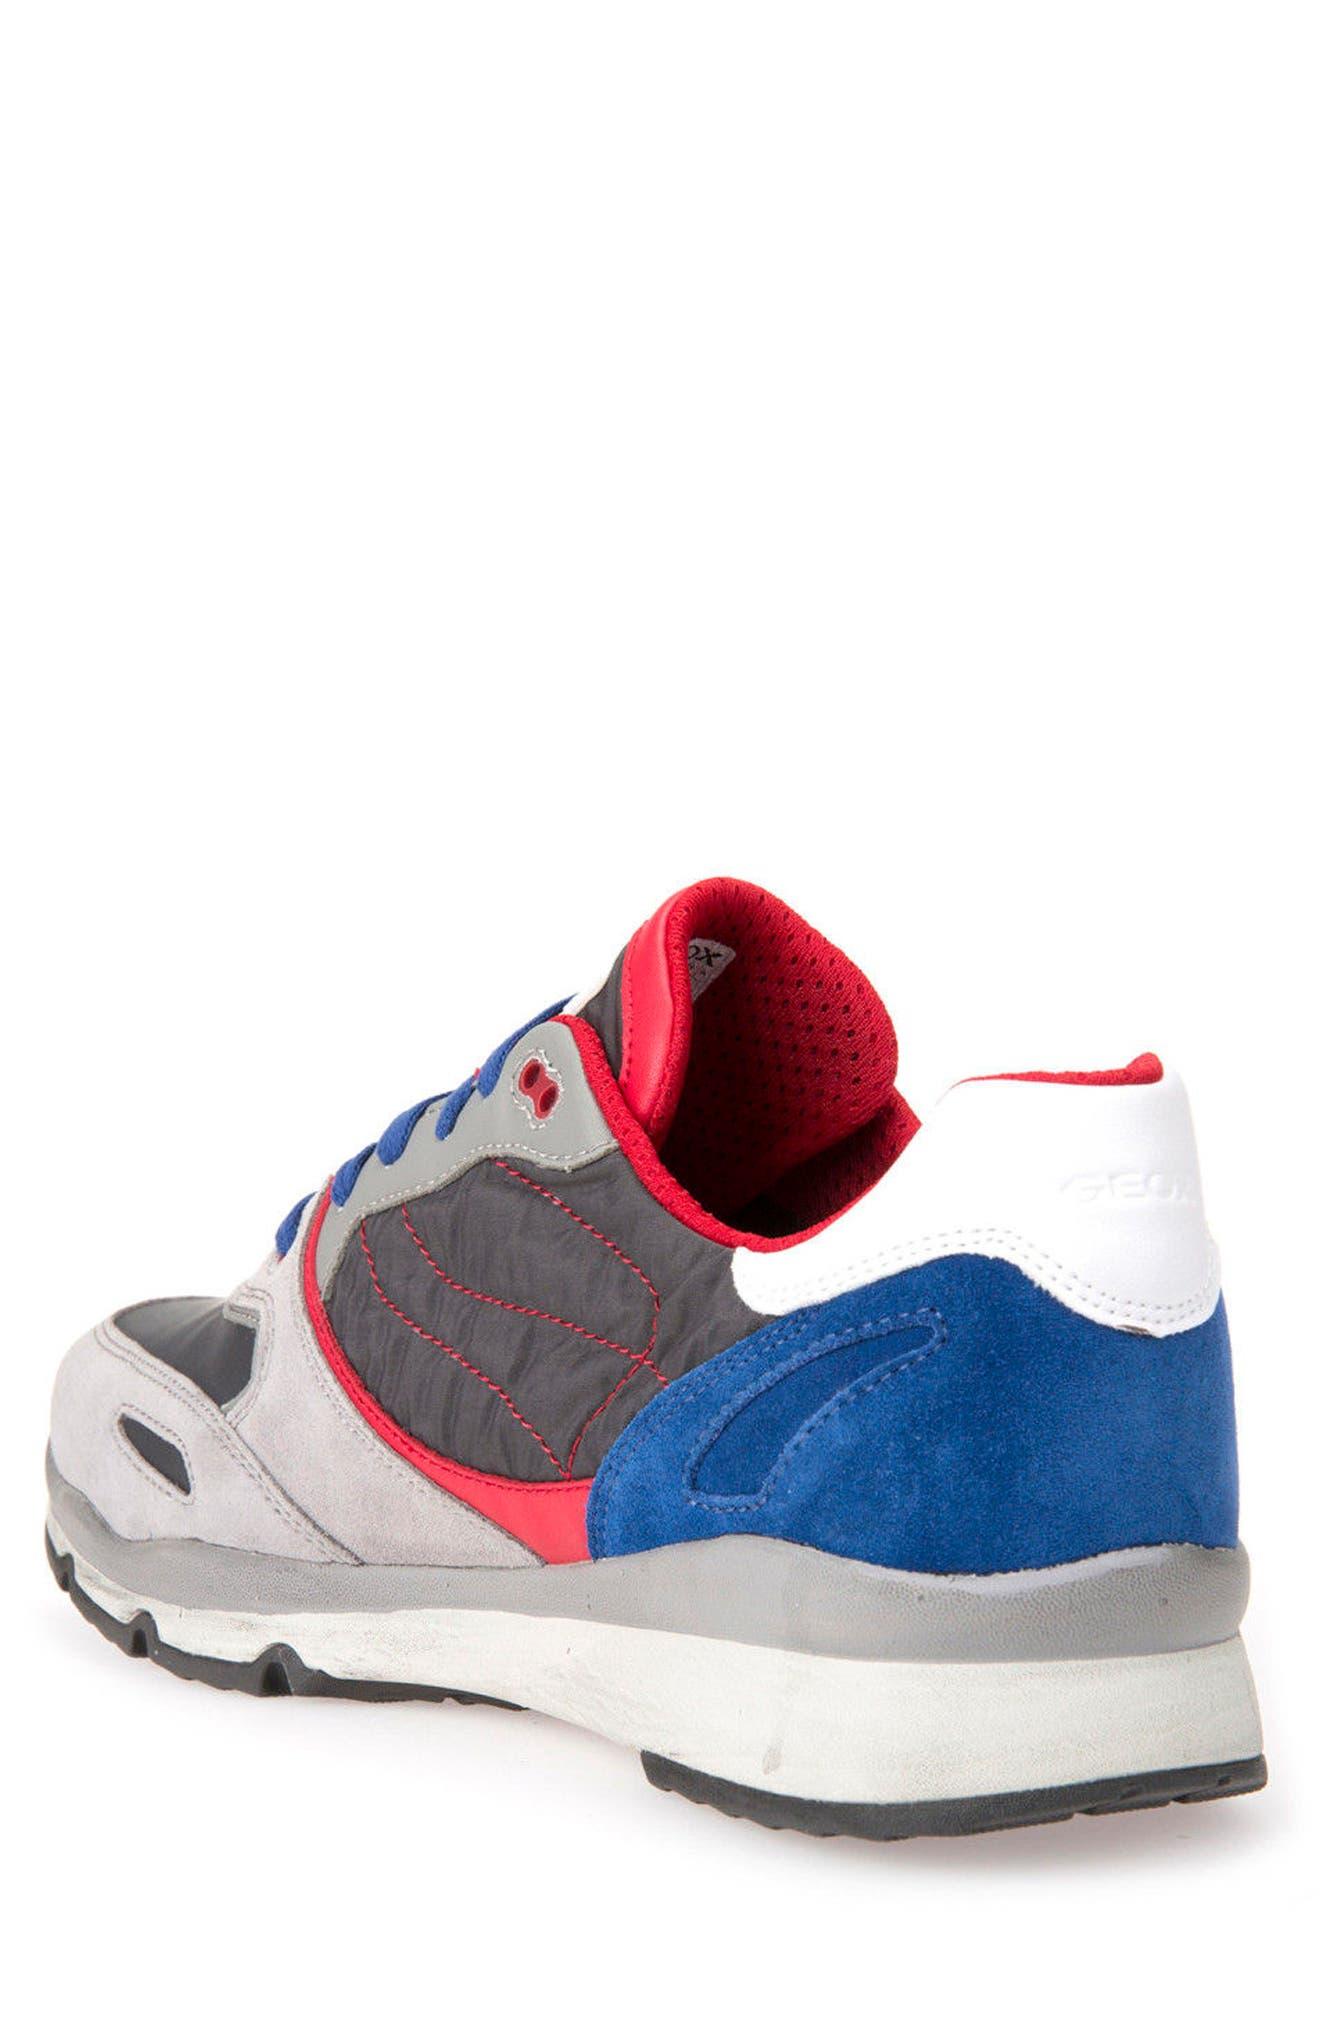 Alternate Image 2  - Geox Sandro ABX Ambphibiox Waterproof Sneaker (Men)